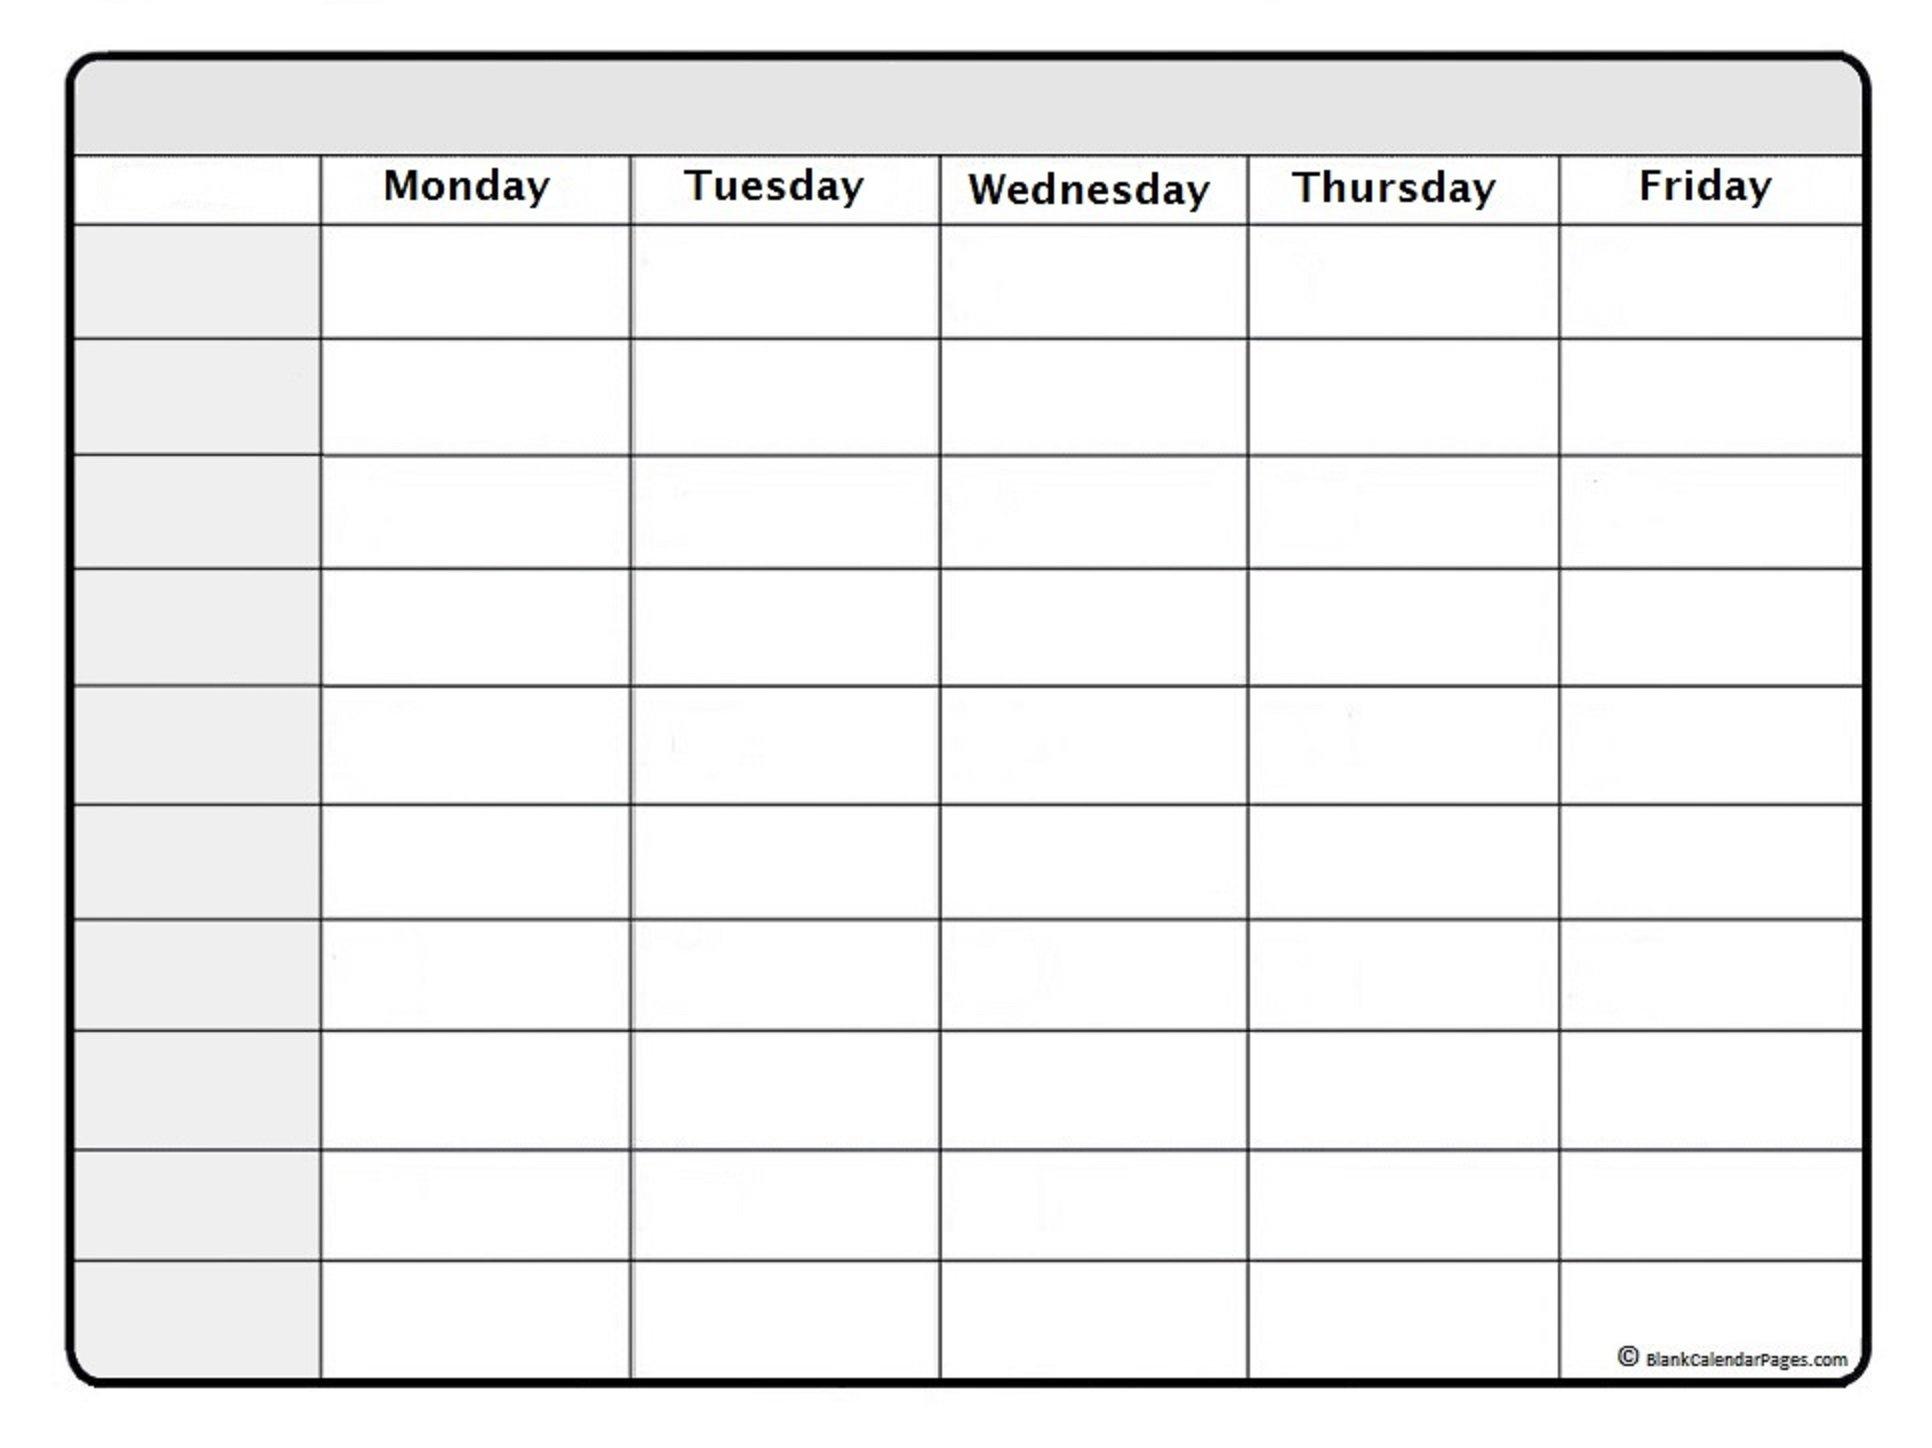 October 2020 Weekly Calendar | October 2020 Weekly Printable Time Calendar 1 Week